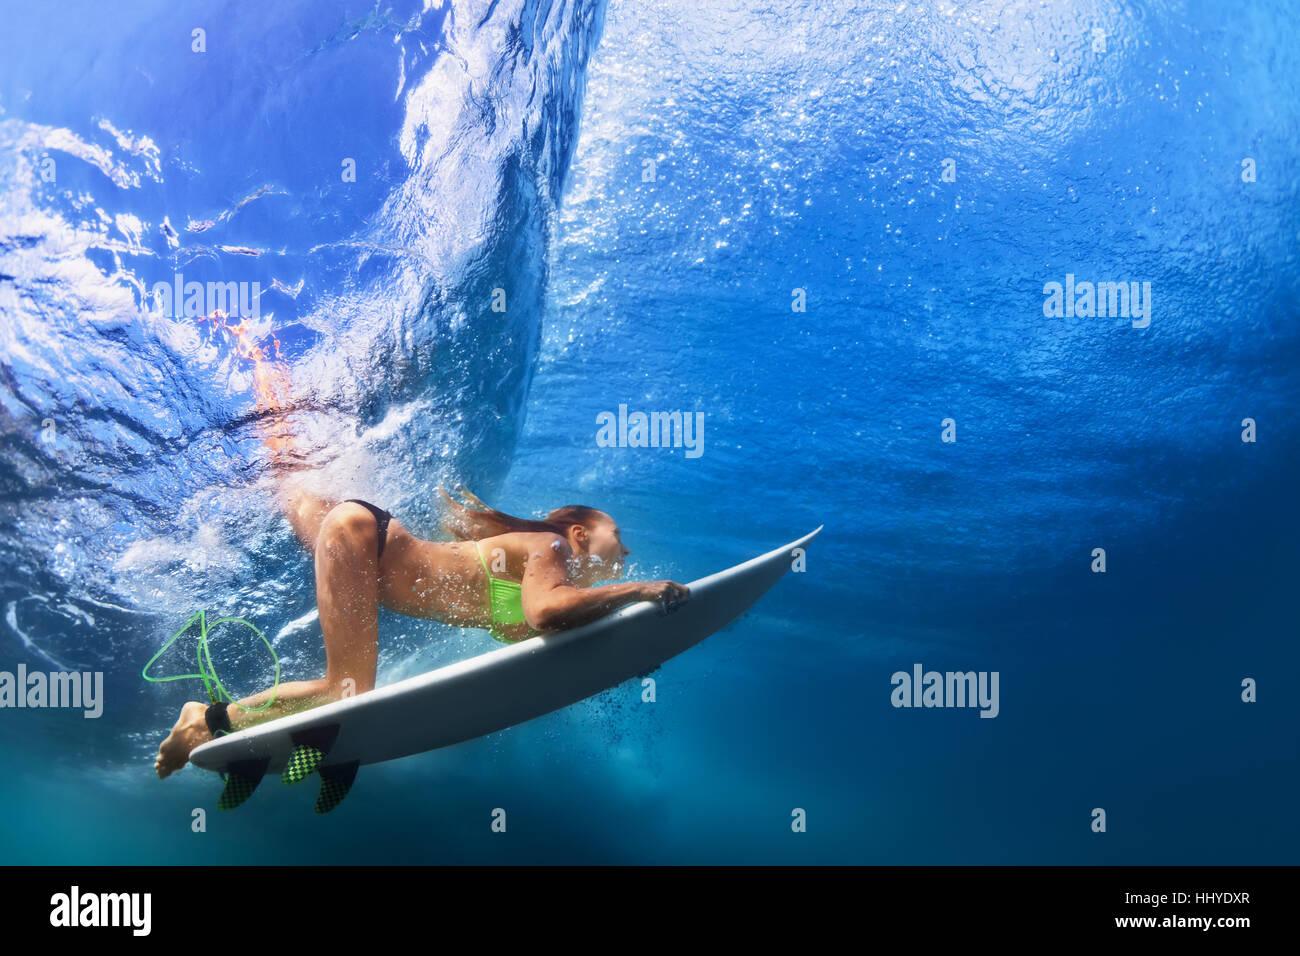 Active Ragazza in Bikini in azione. Surfer donna con tavola da surf tuffarsi underwater in onda. Sport acquatici, Immagini Stock